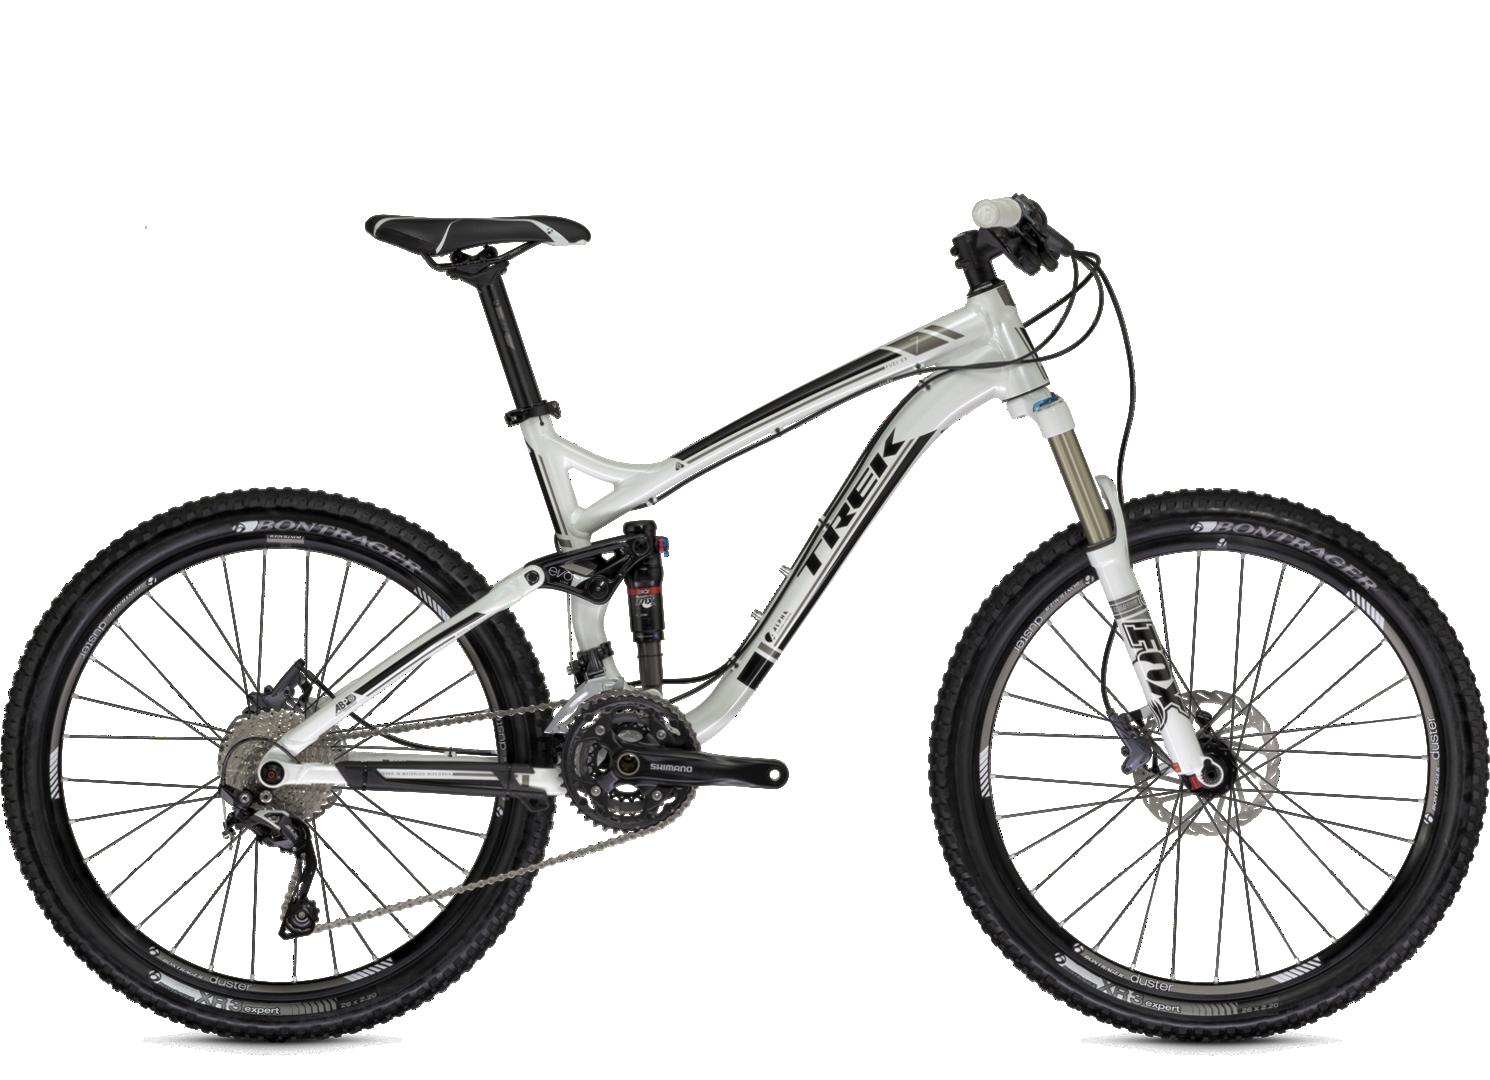 Fuel Ex 7 Trek Bicycle Trek Bicycle Trek Bikes Bike